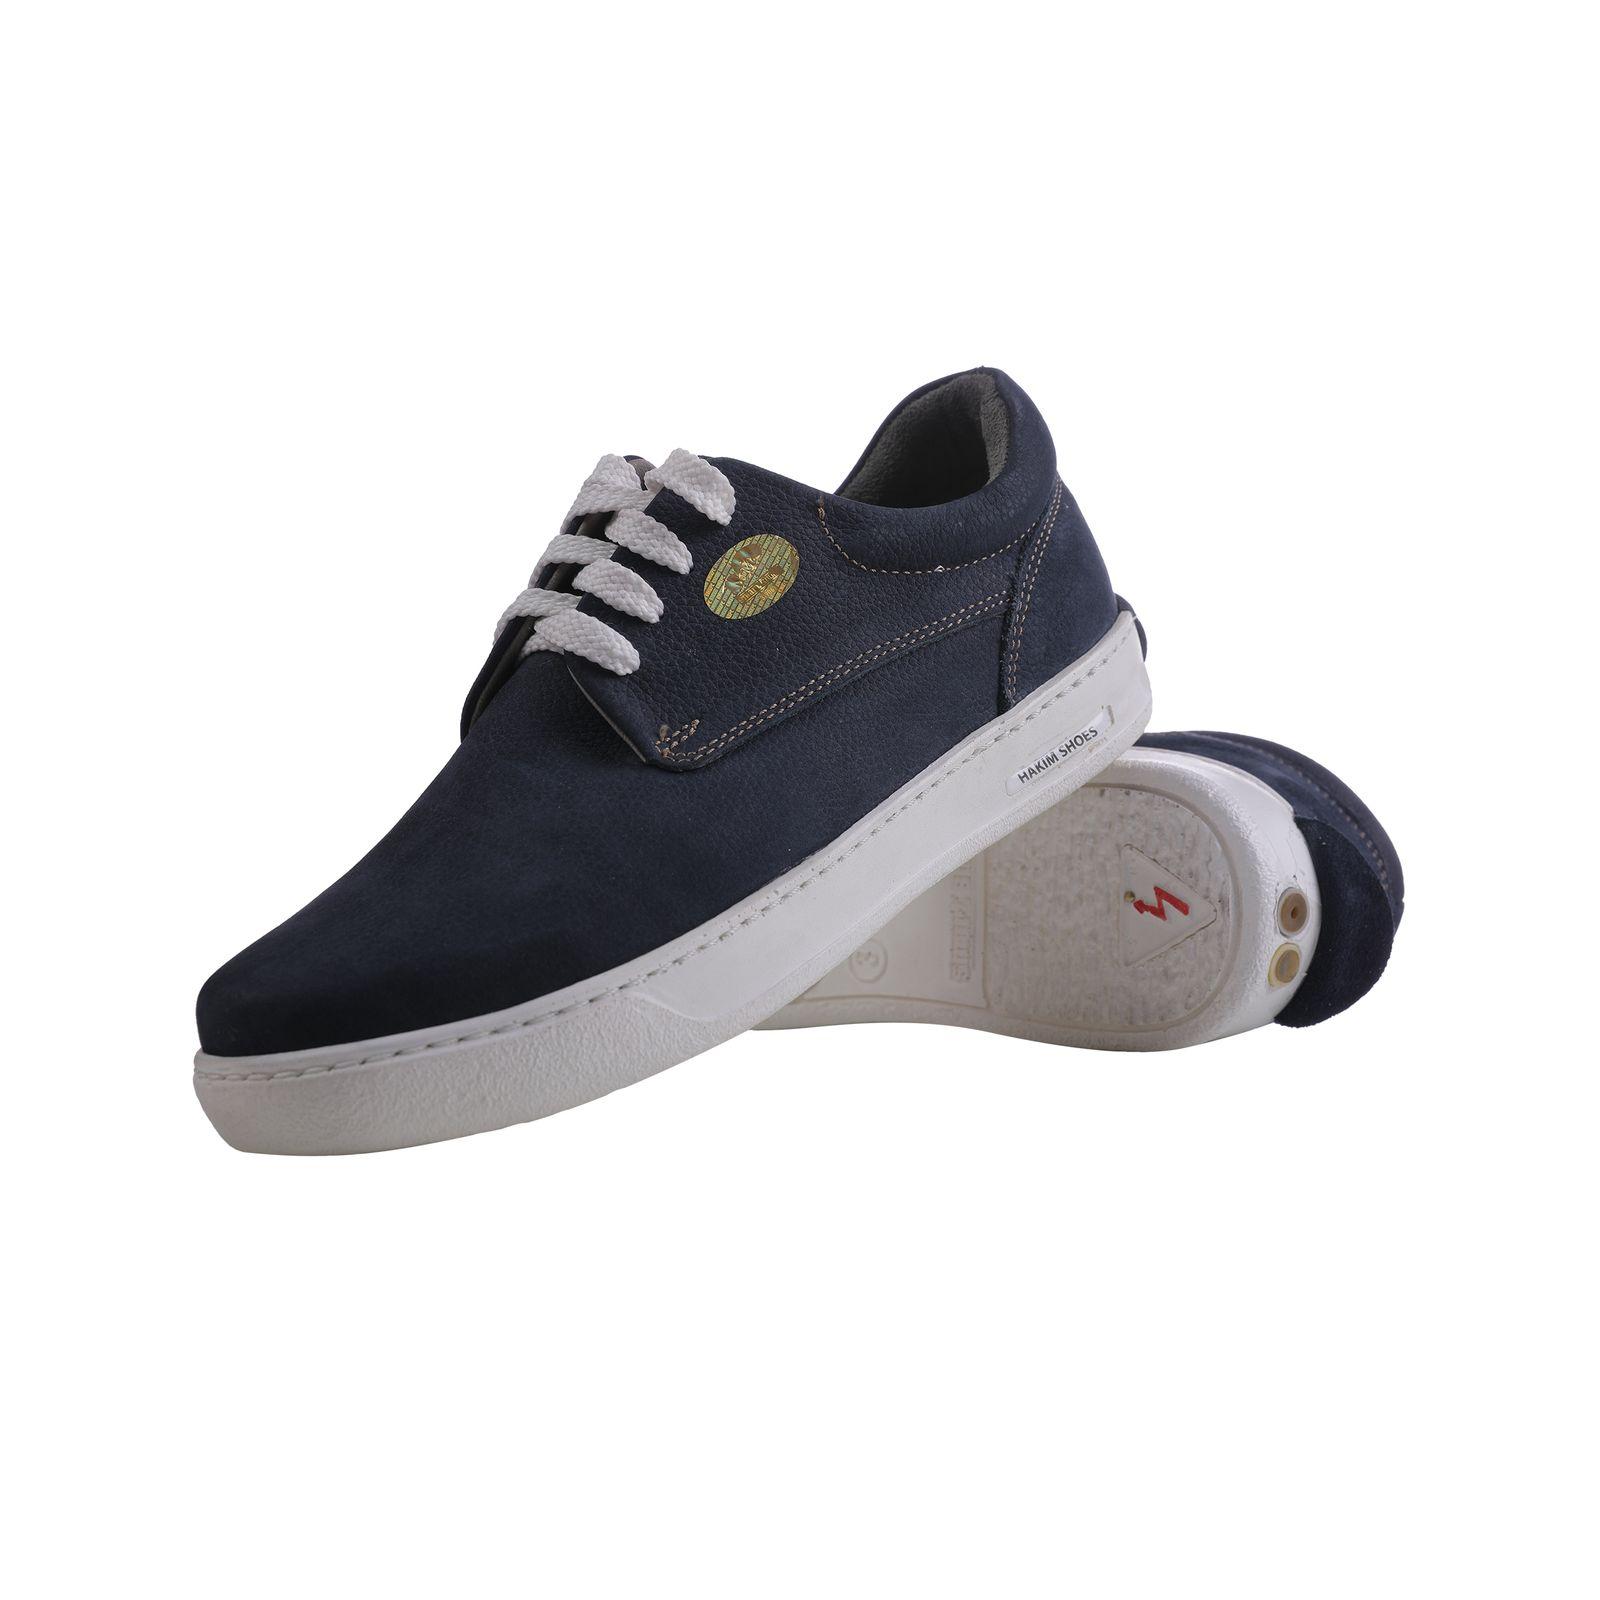 کفش روزمره هوشمند مردانه حکیم مدل T5 رنگ سرمه ای -  - 4